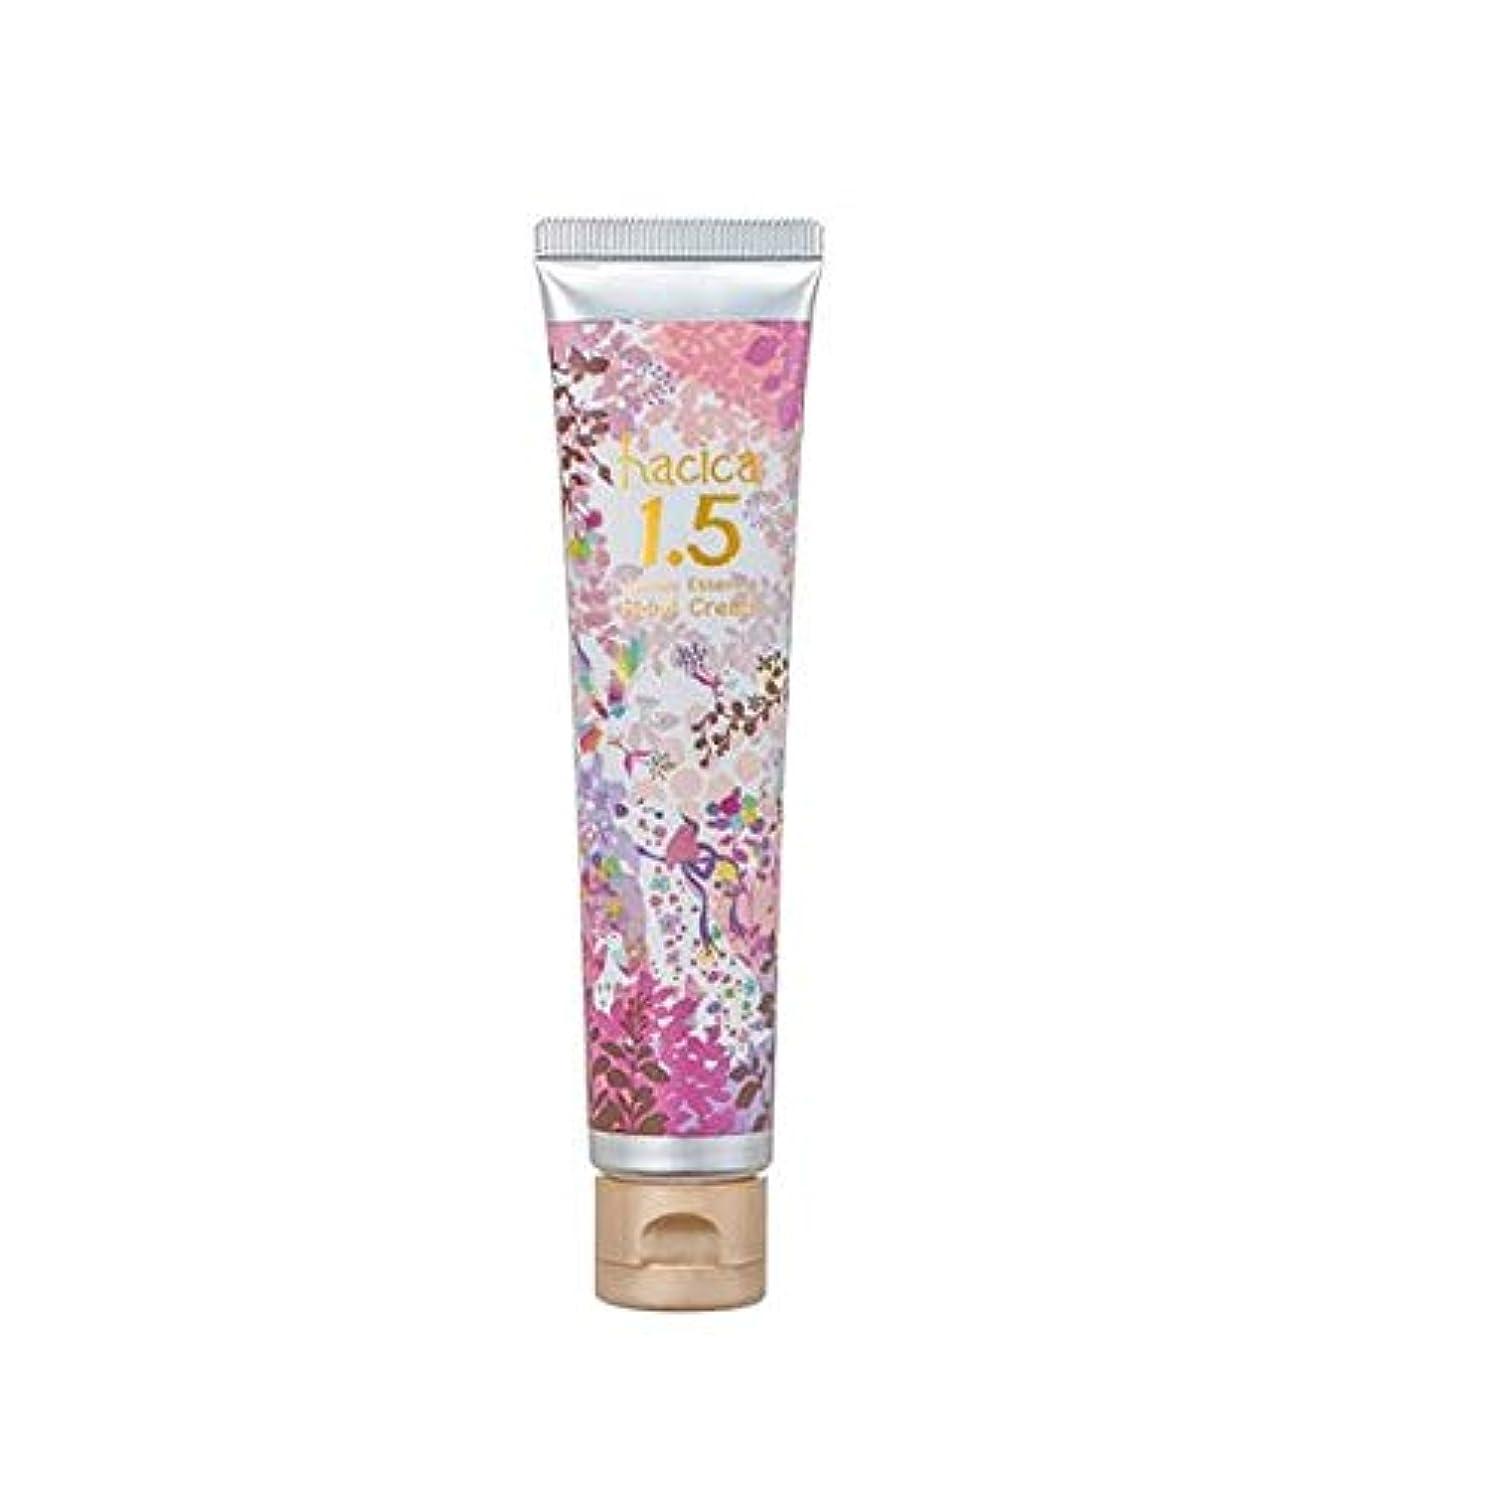 五発音遠洋のハチカ ハニーエッセンス ハンドクリーム 1.5 フルーティハニーの香り 40g